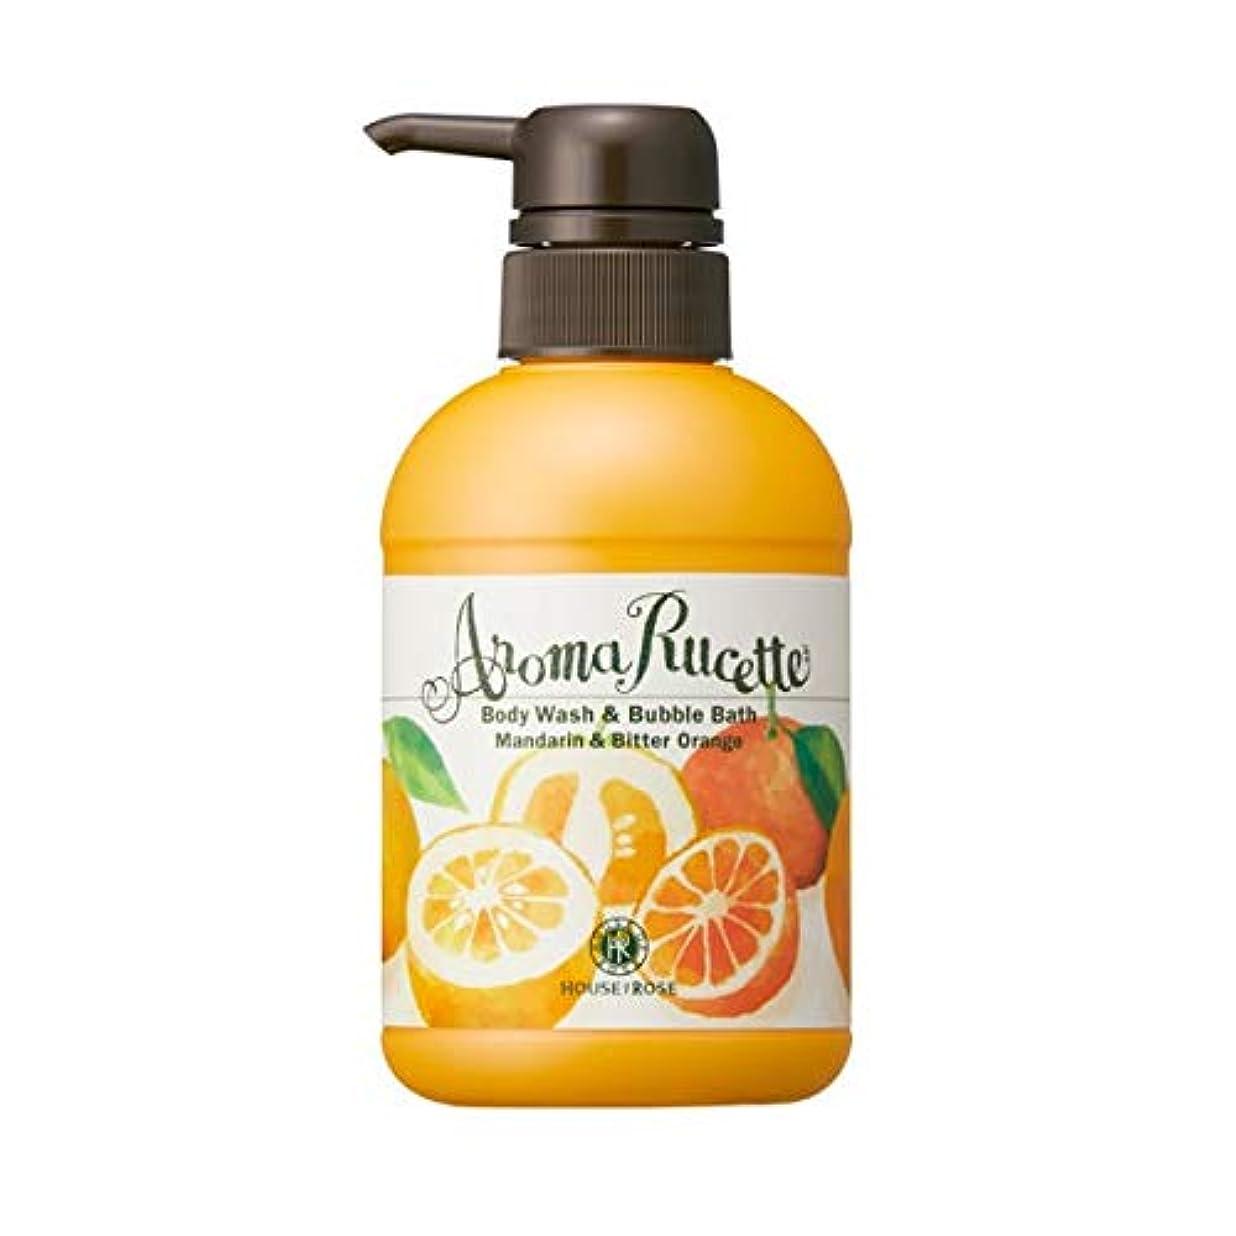 膨らみ天井小麦粉HOUSE OF ROSE(ハウスオブローゼ) ハウスオブローゼ/アロマルセット ボディウォッシュ&バブルバス MD&BO(マンダリン&ビターオレンジの香り)350mL